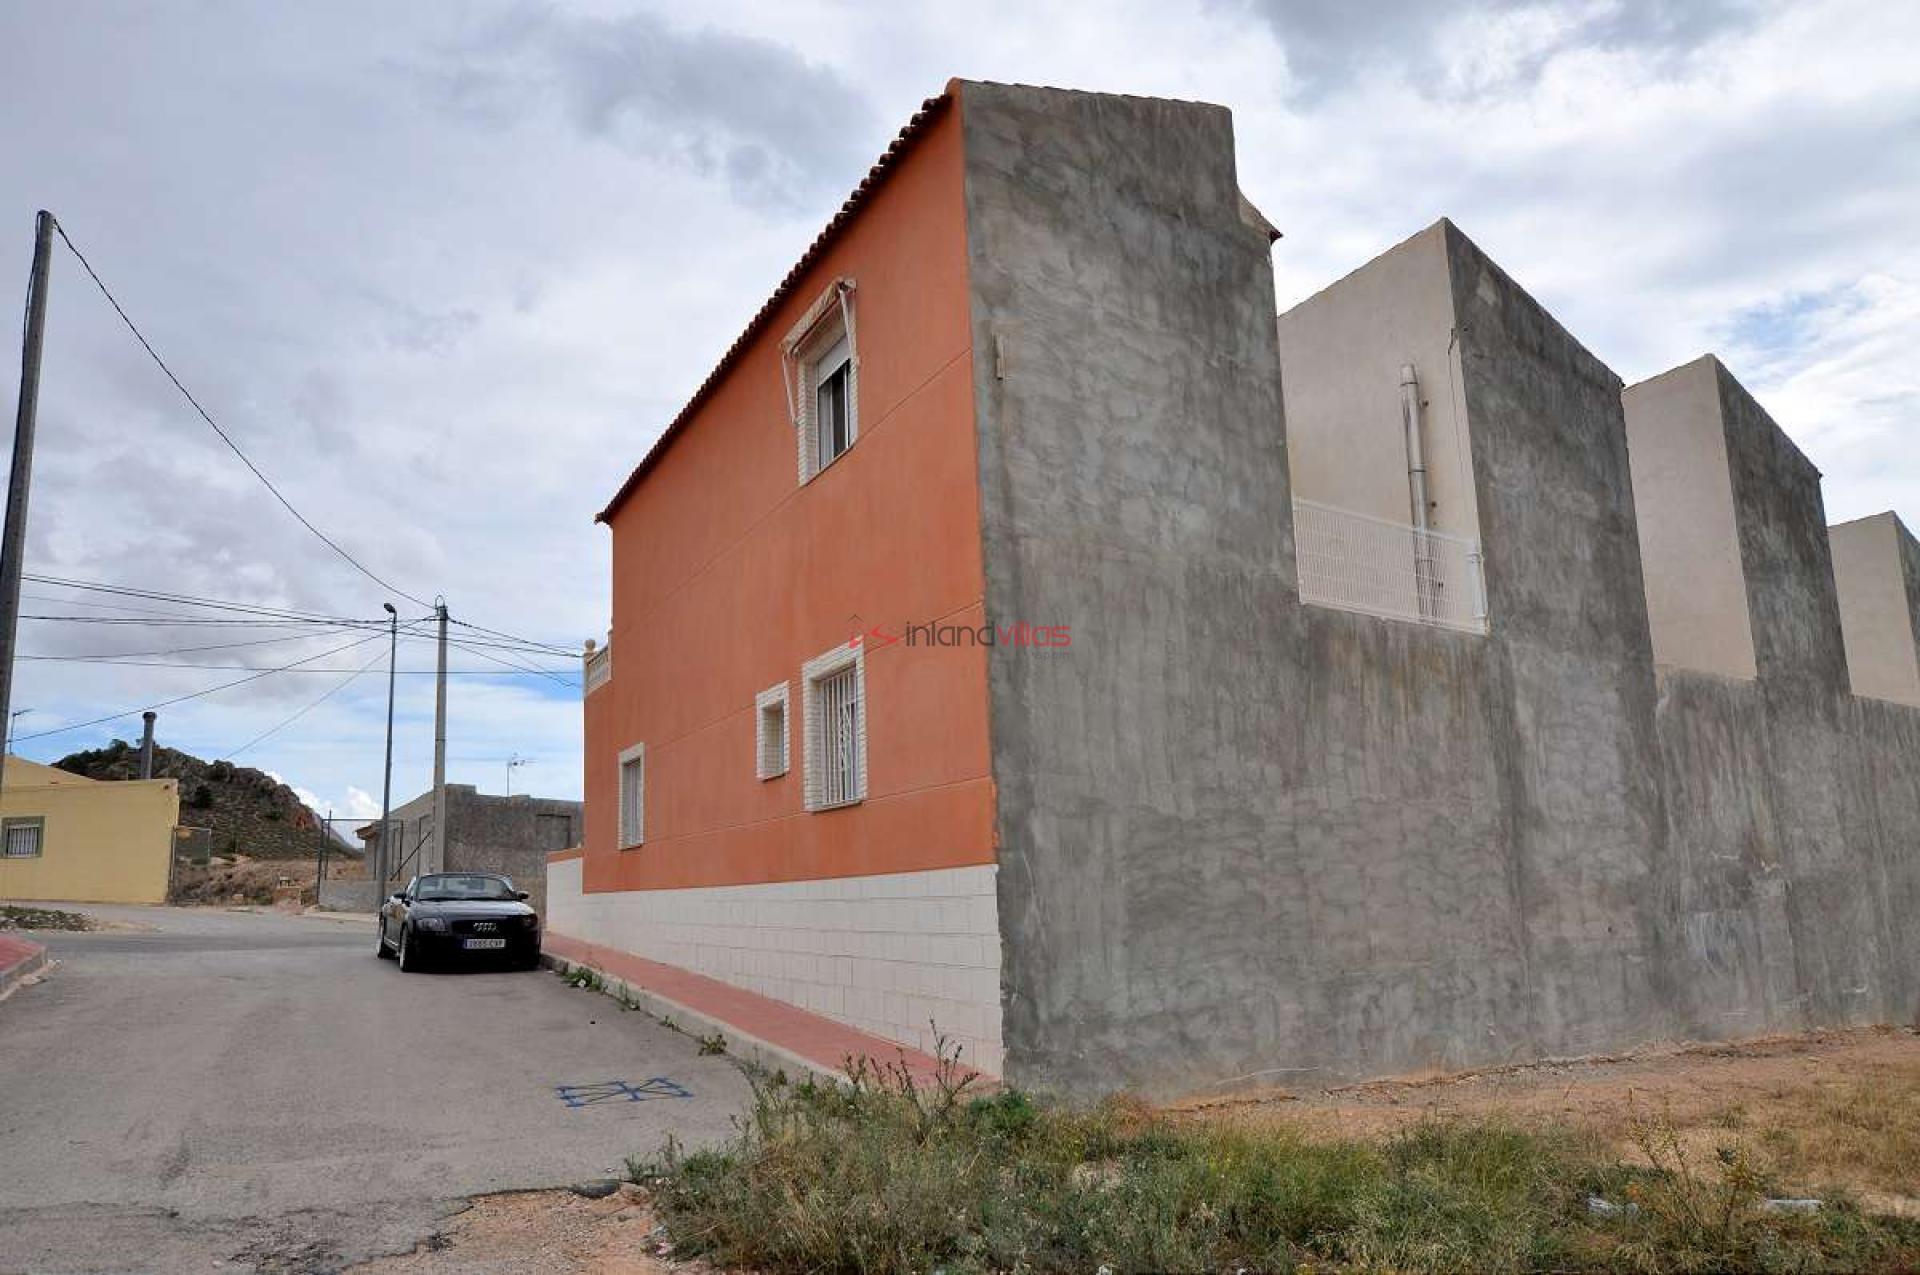 Rijwoning in Barinas - Bestaande bouw